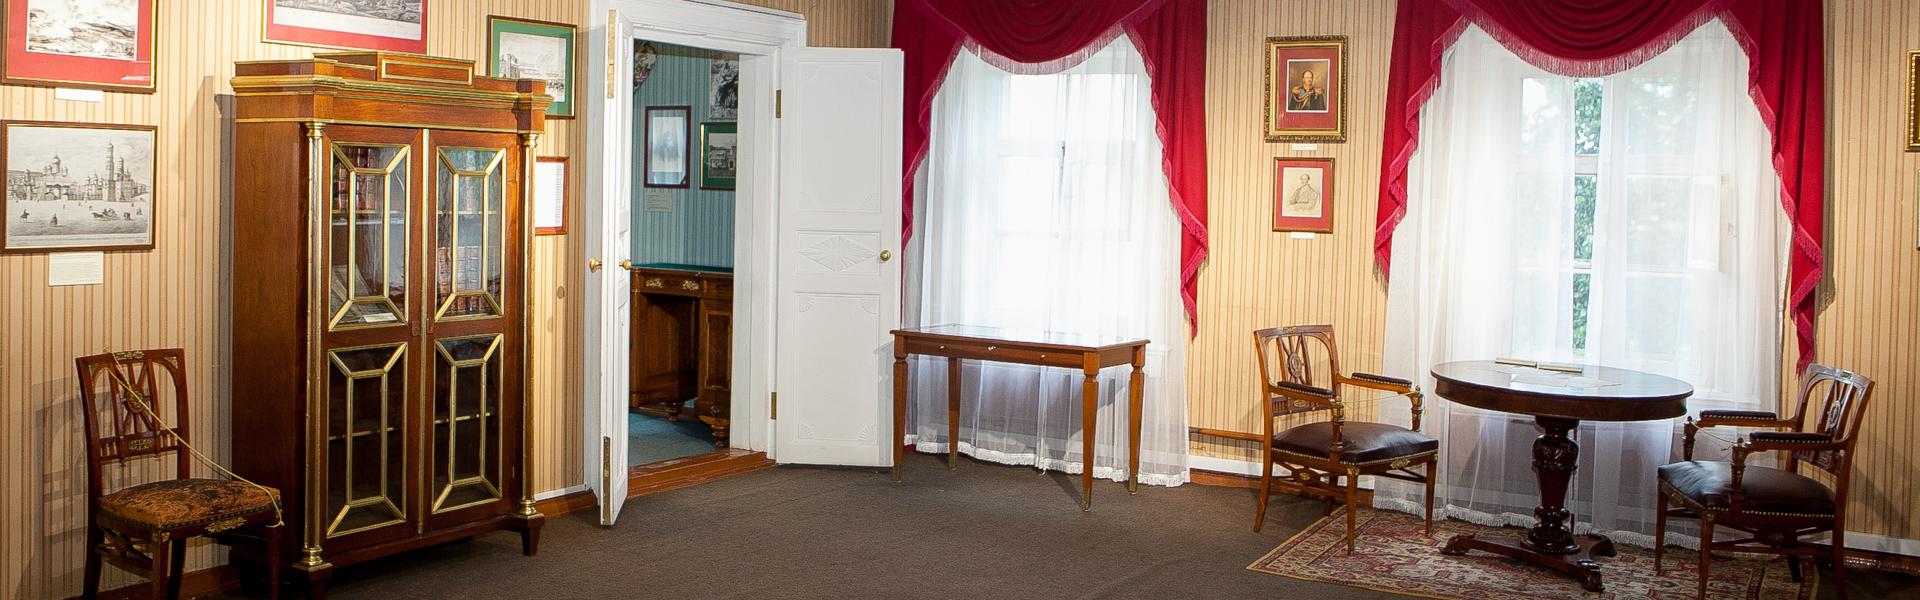 Перстни из кандалов и шаль хозяйки дома. Что посмотреть в усадьбе Волконских